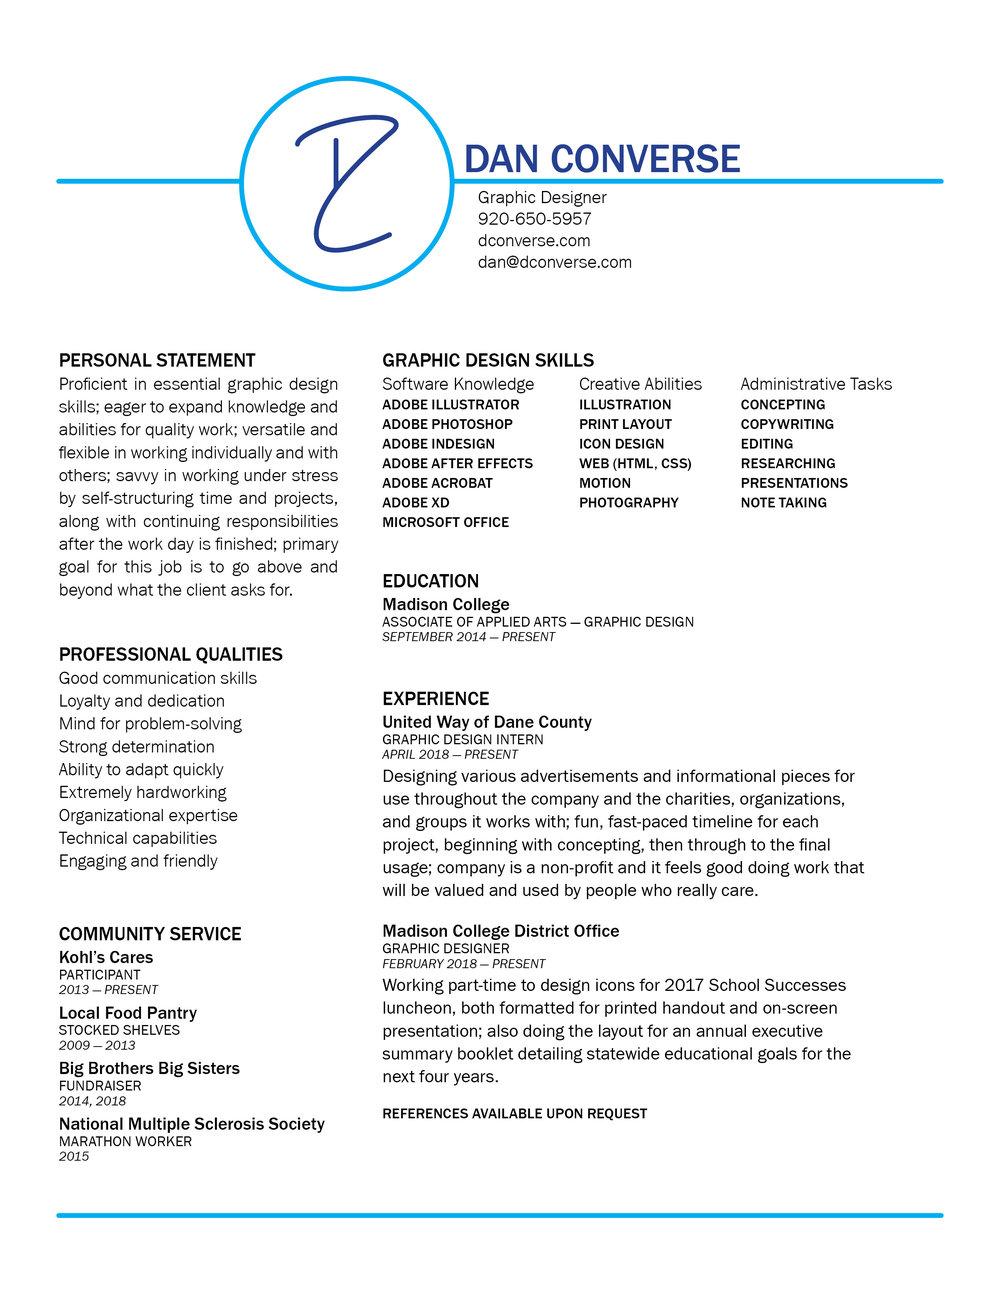 Resume — Dan Converse